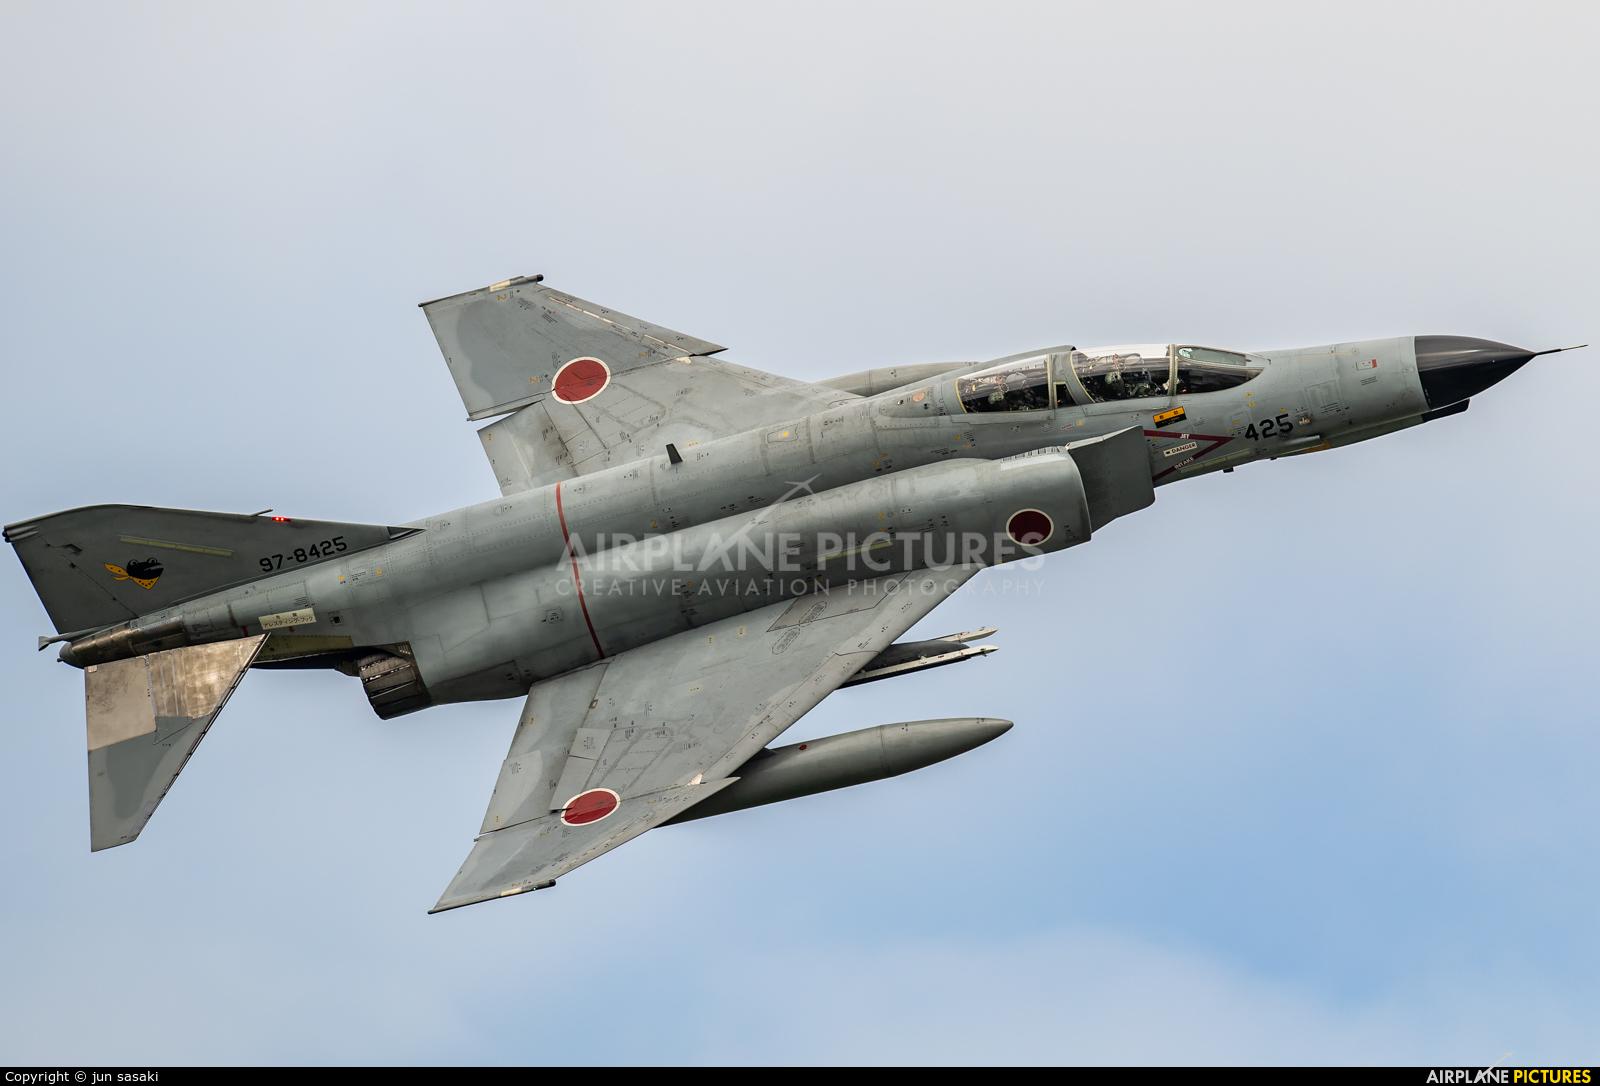 Japan - Air Self Defence Force 97-8425 aircraft at Ibaraki - Hyakuri AB